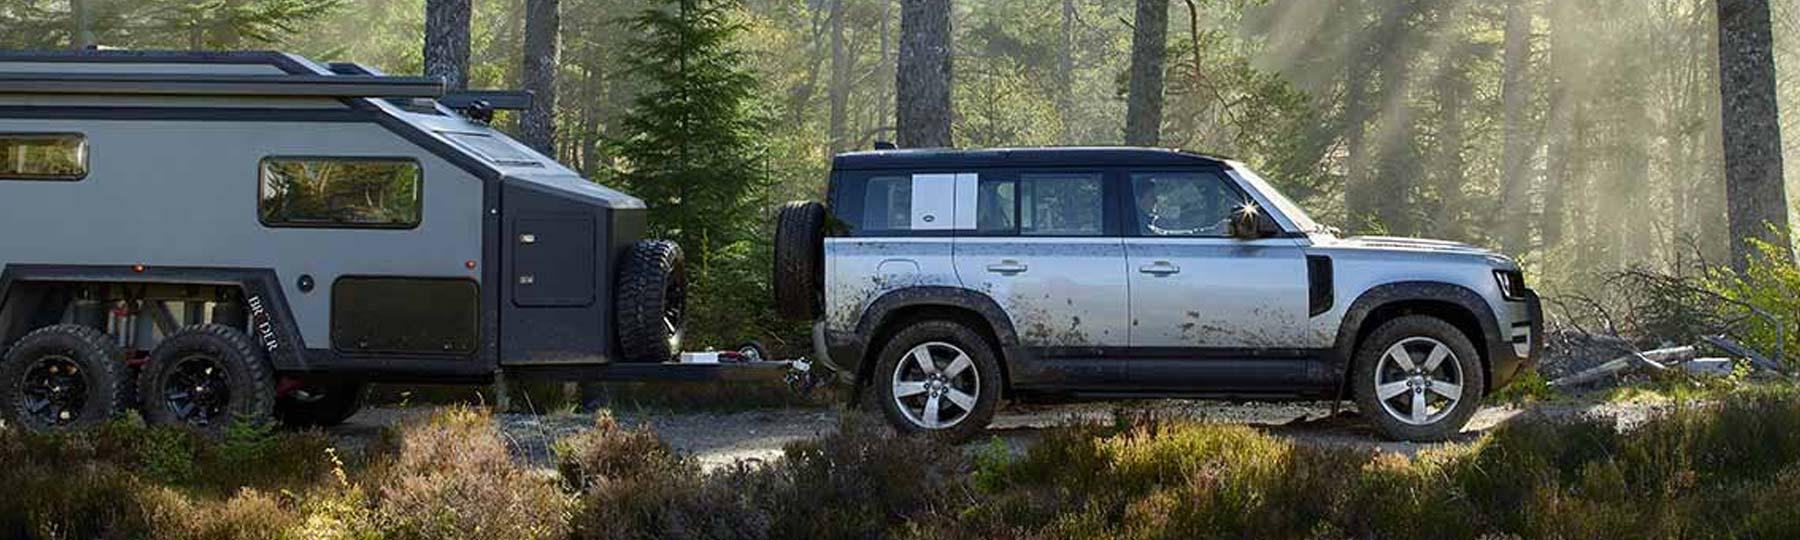 Land Rover Defender Business Offer